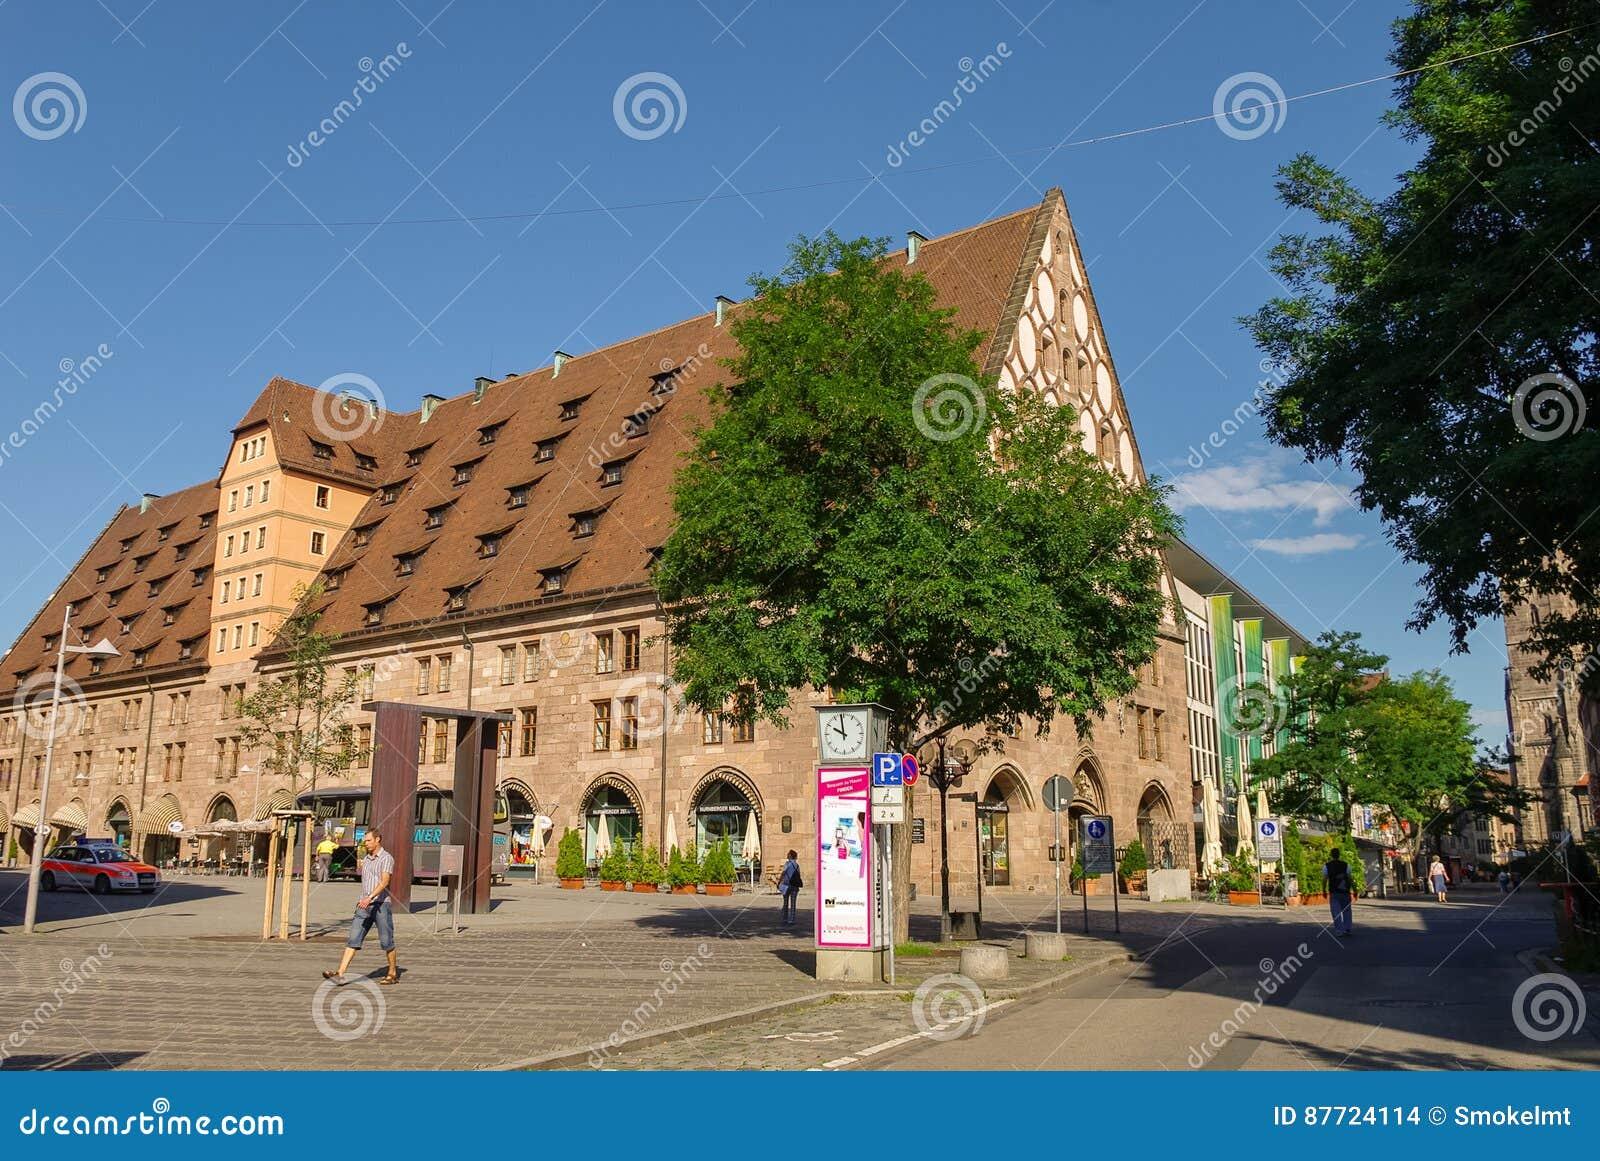 Άποψη του κτηρίου Mauthalle στο παλαιό πόλης μέρος της Νυρεμβέργης